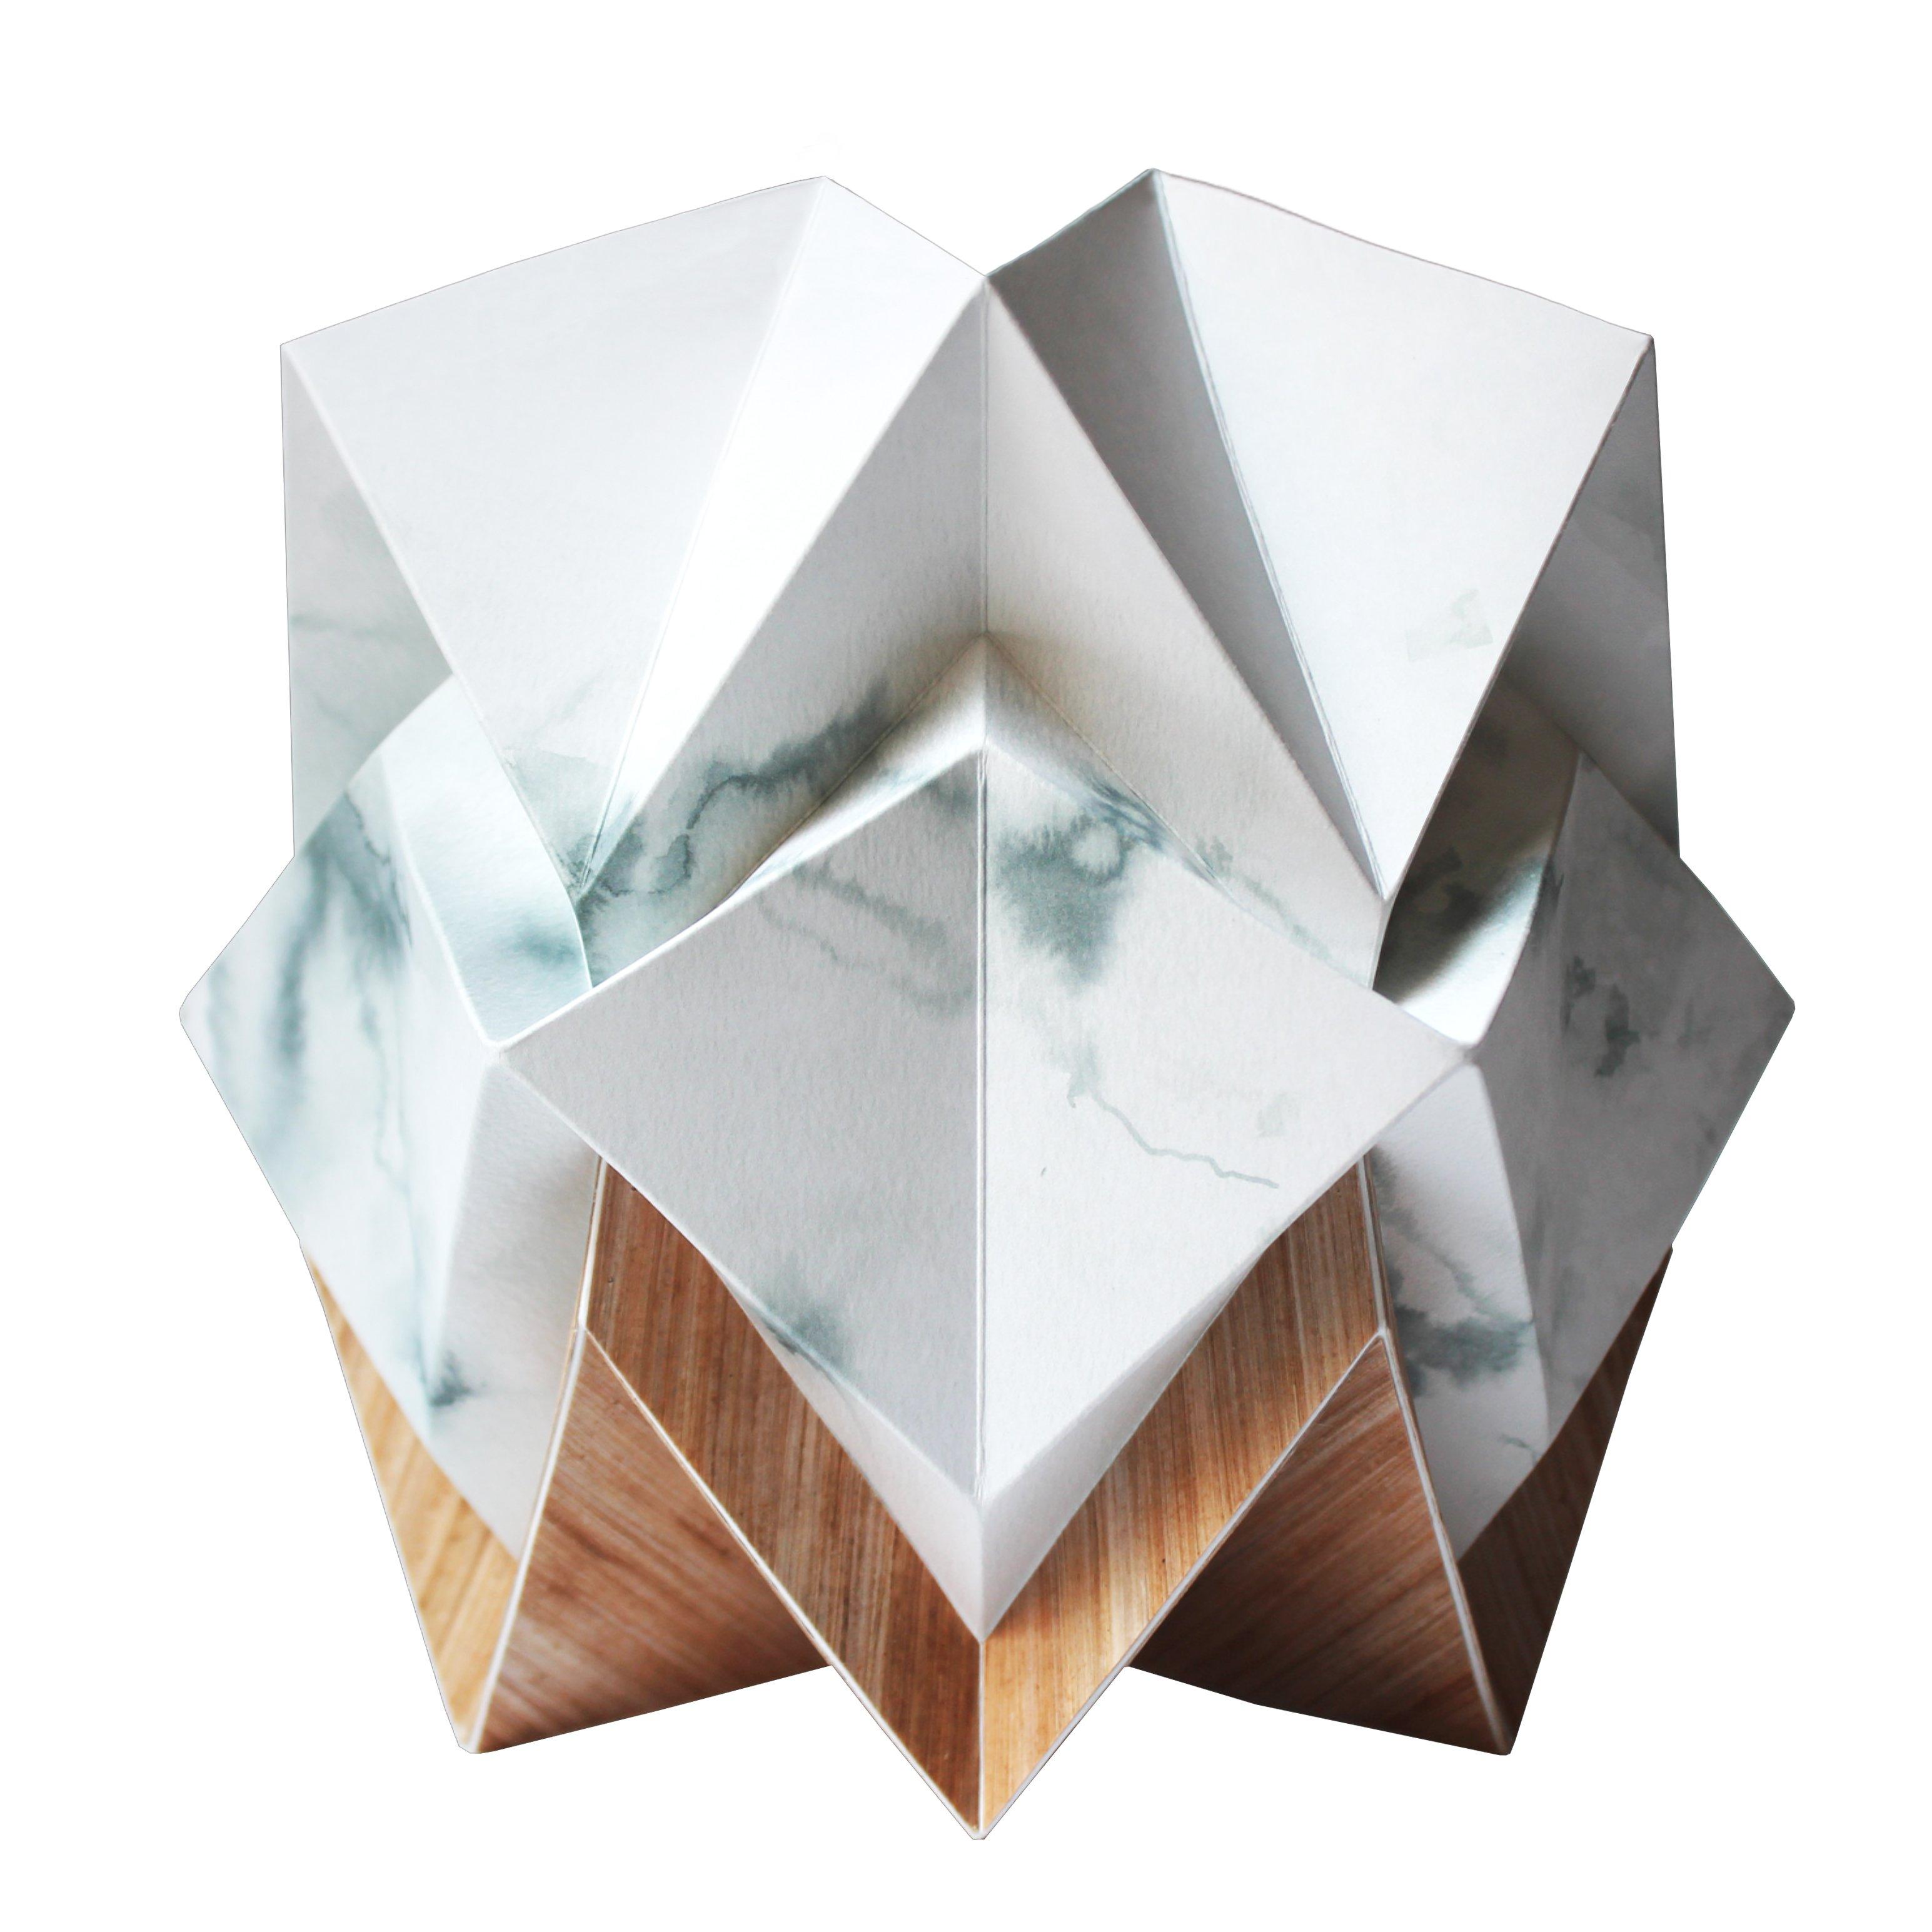 Lampe de table origami ecowood et papier motif hiver taille S